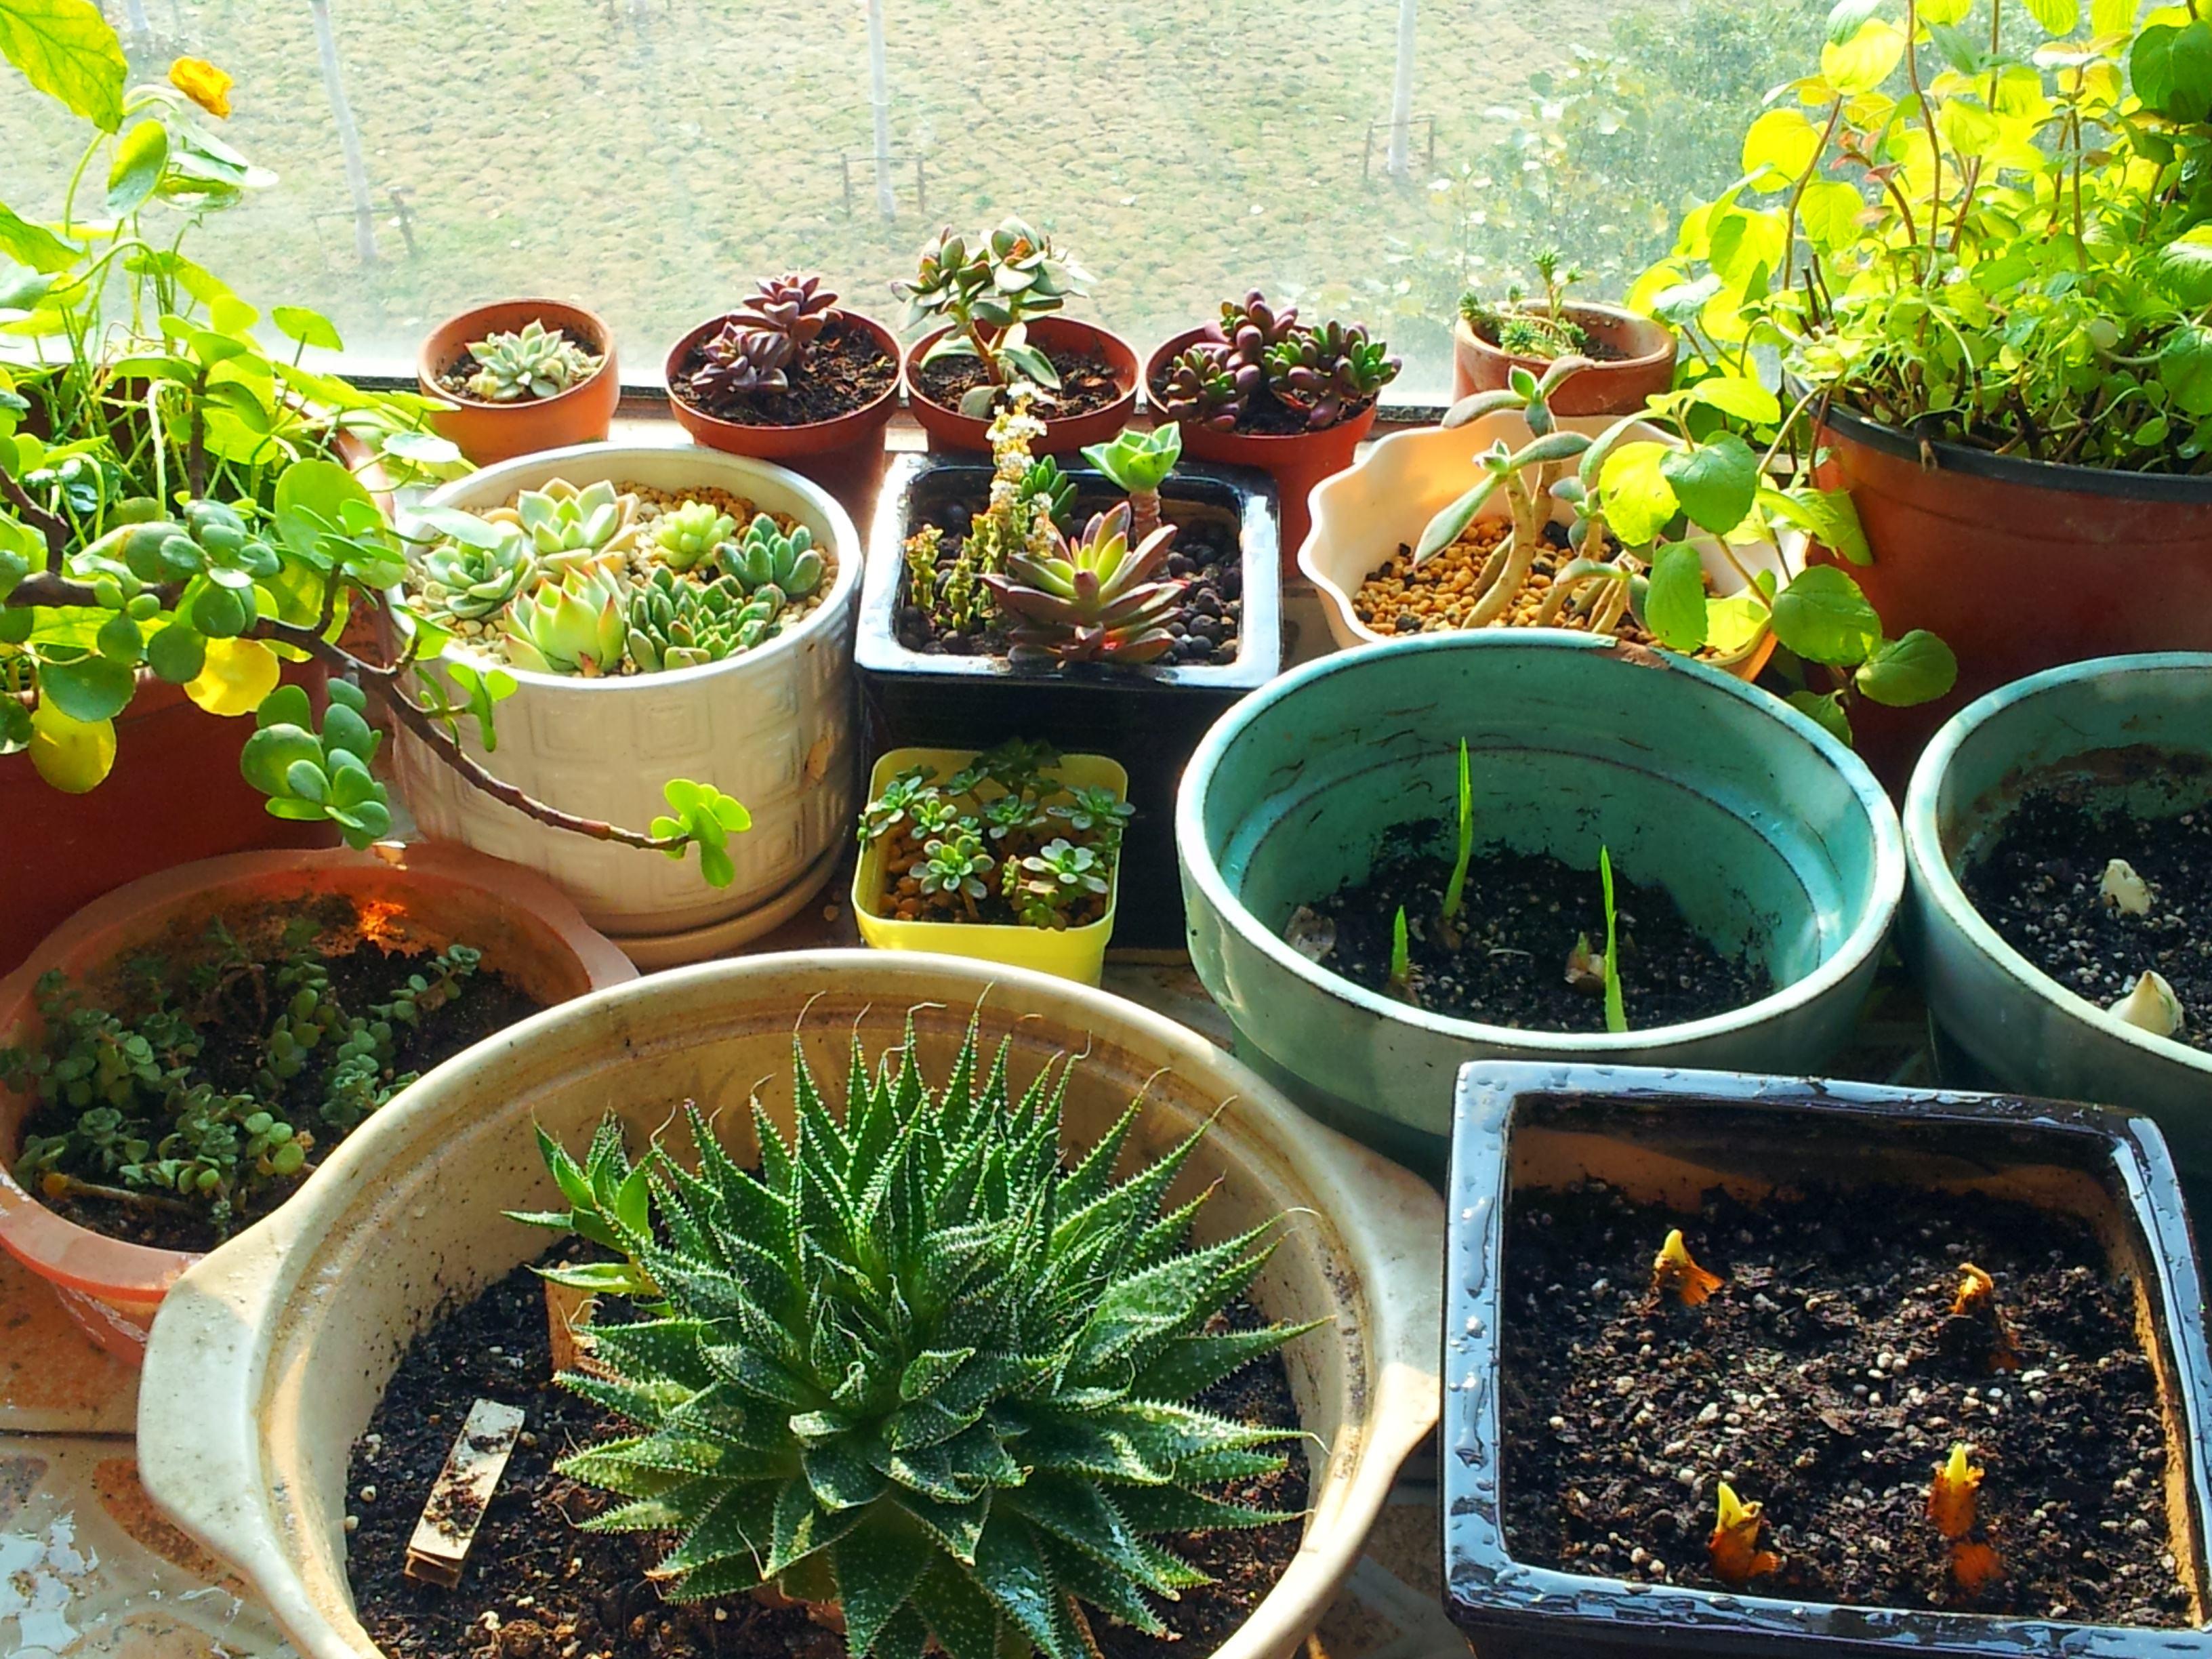 家中摆放植物有什么讲究